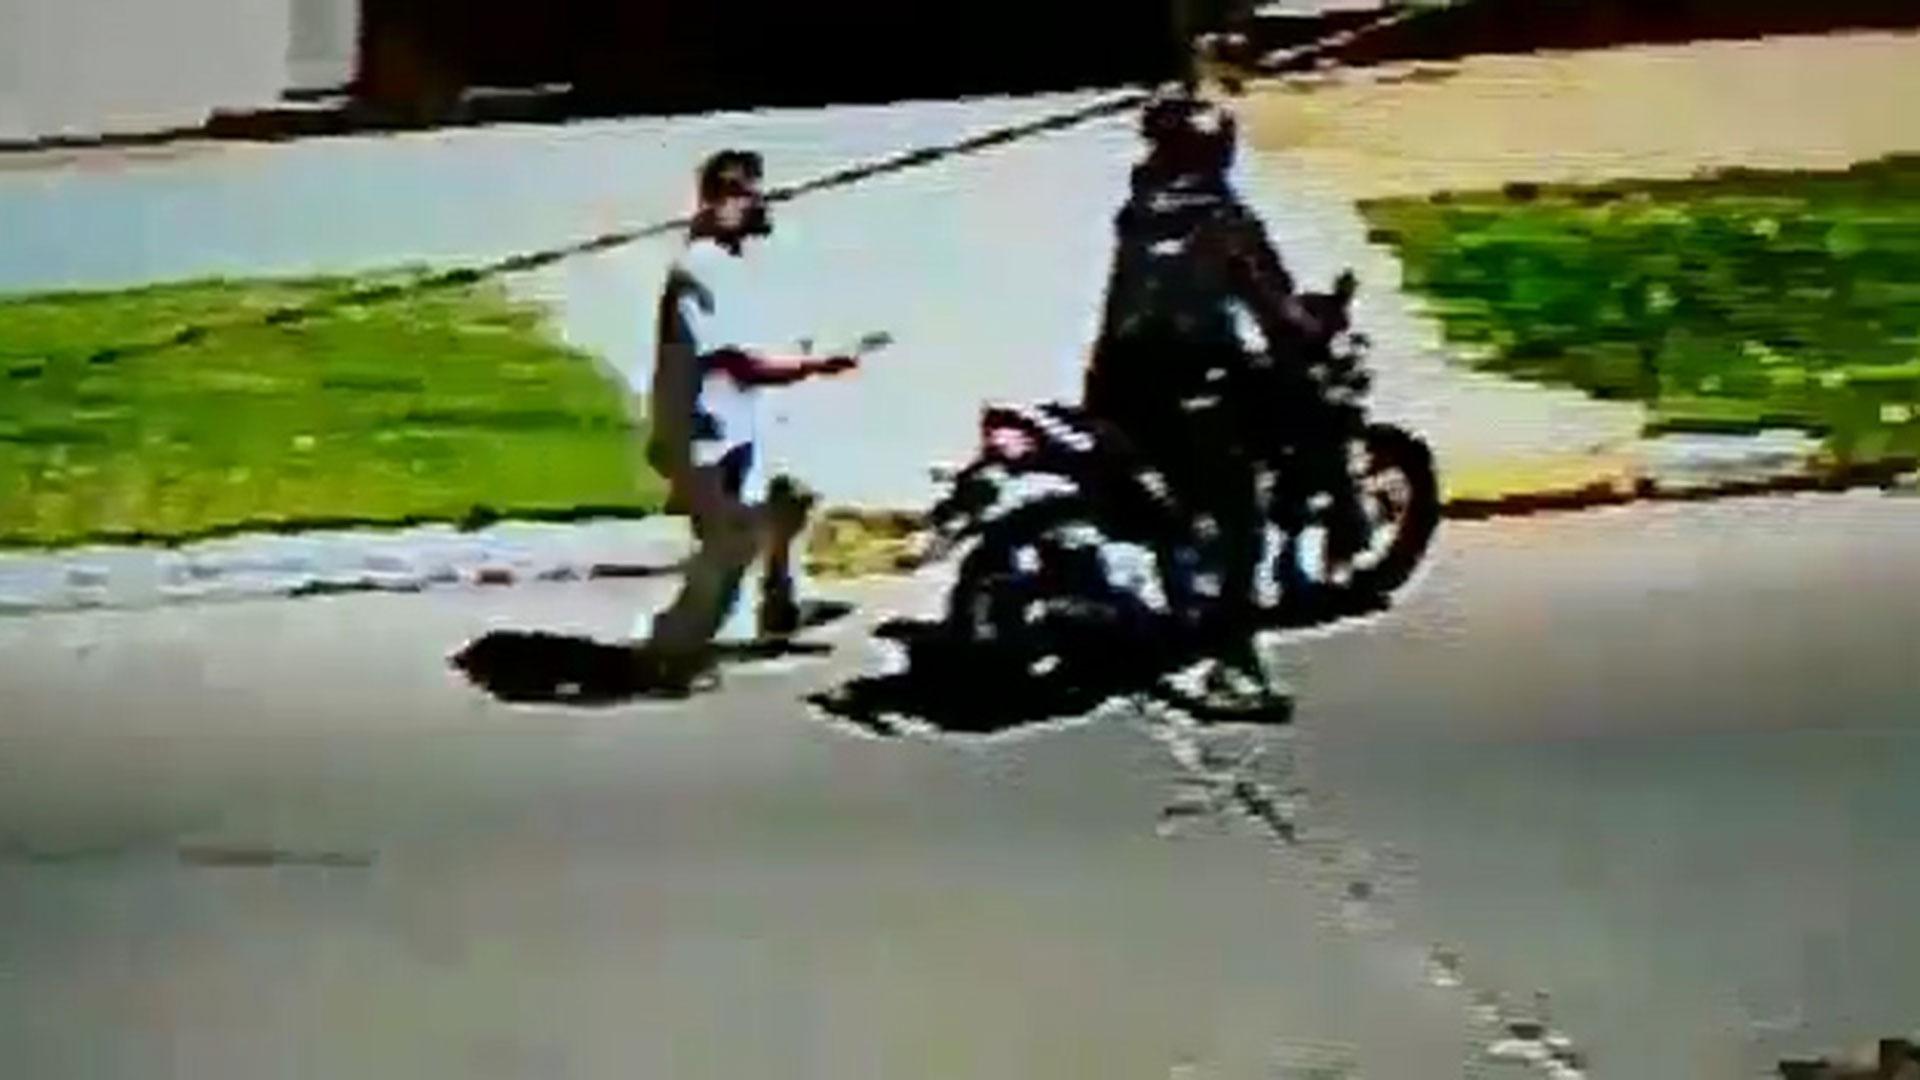 El motochorro contó con la ayuda de un cómplice